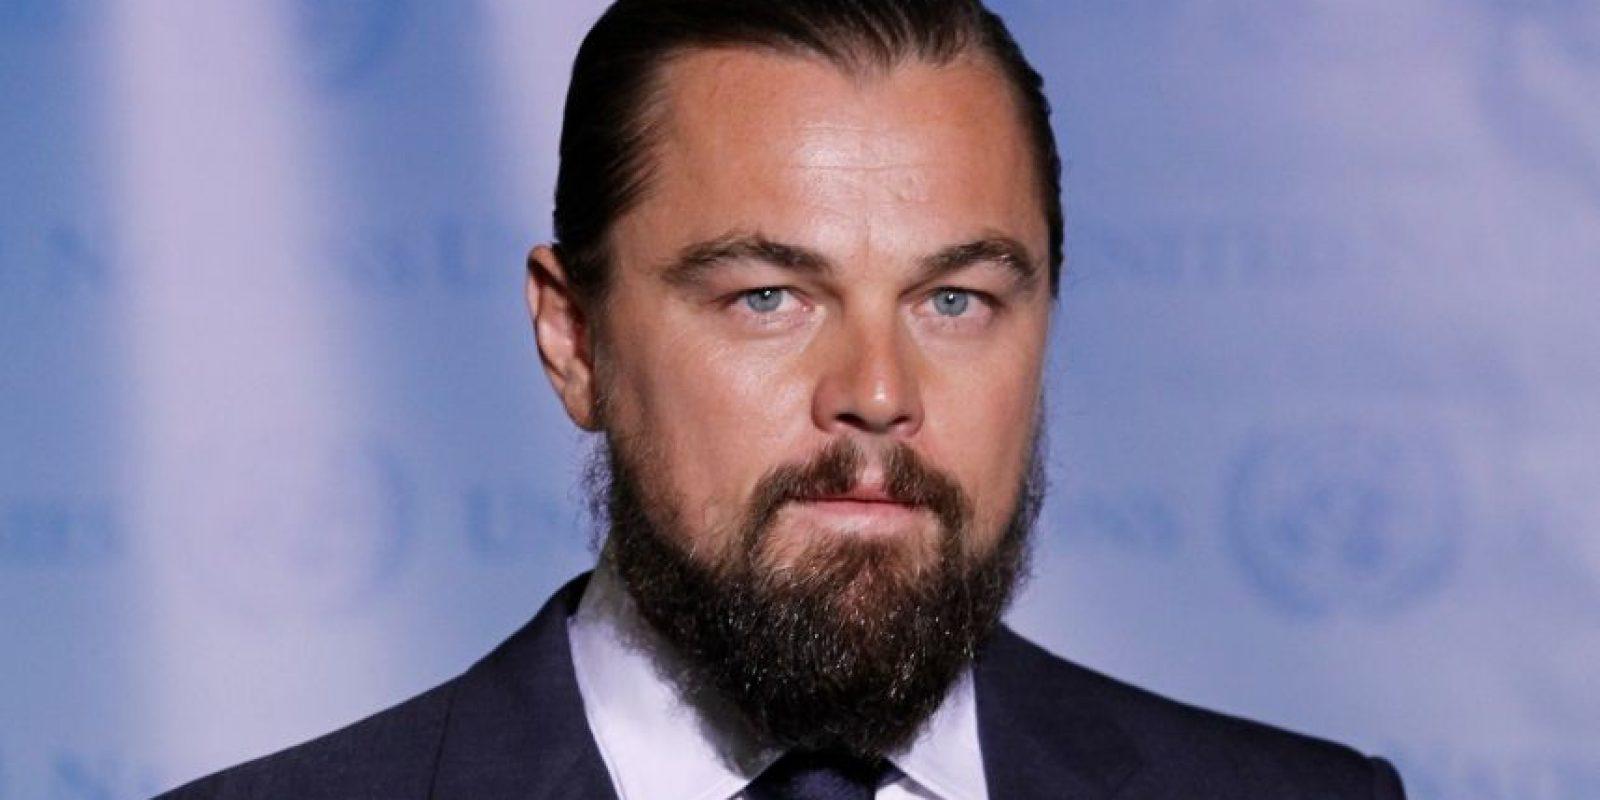 Por otra parte, DiCaprio se le unió a Justin Bieber, pues a ambos les gusta salir con modelos. Foto:Getty Images